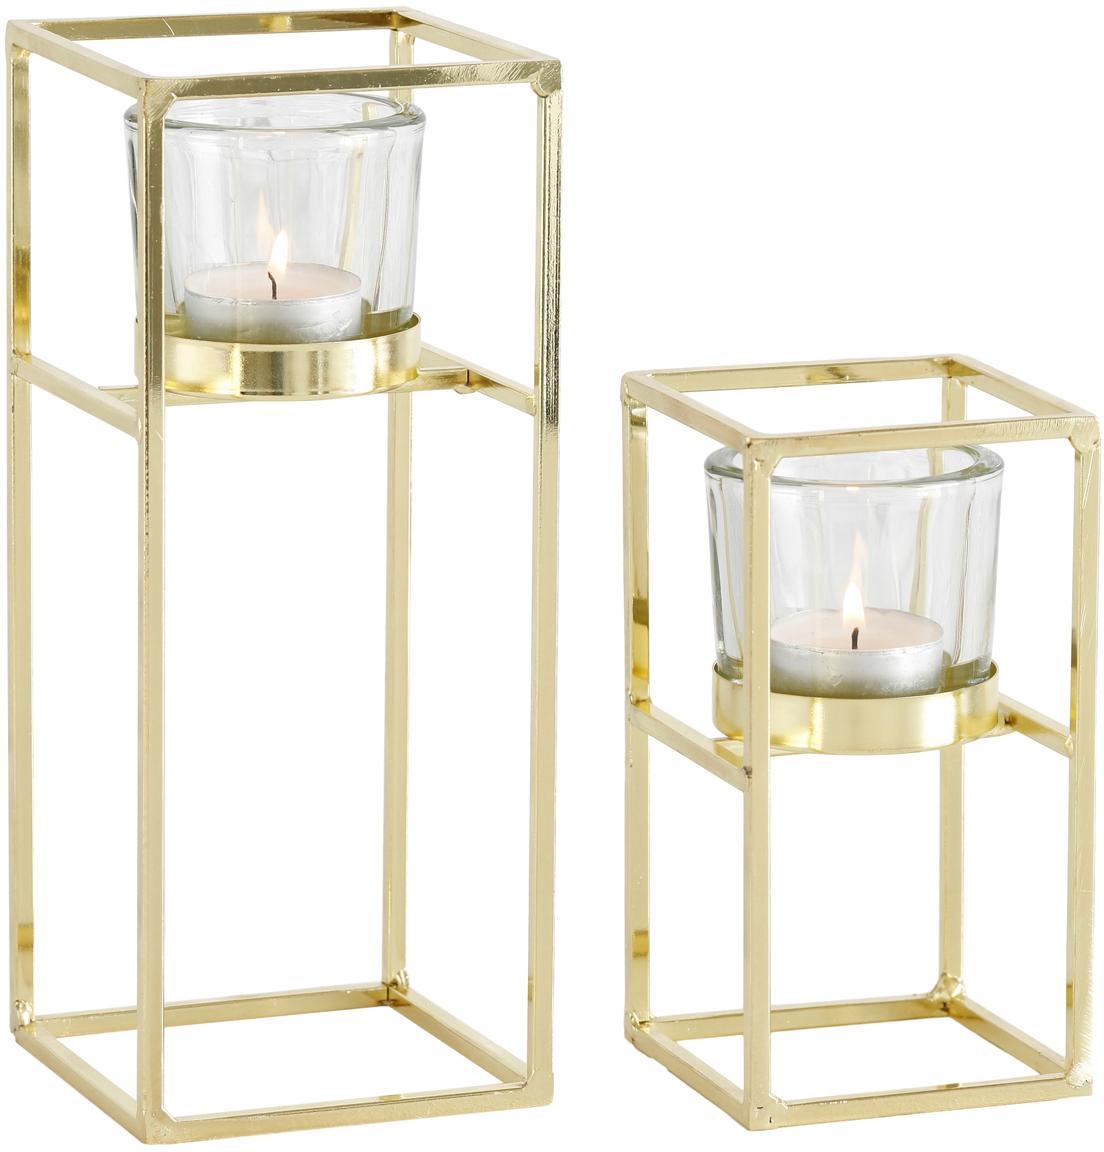 Set de portavelas Tomba, 2pzas., Portavelas: vidrio, Estructura: metal recubierto, Transparente, latón, Set de diferentes tamaños